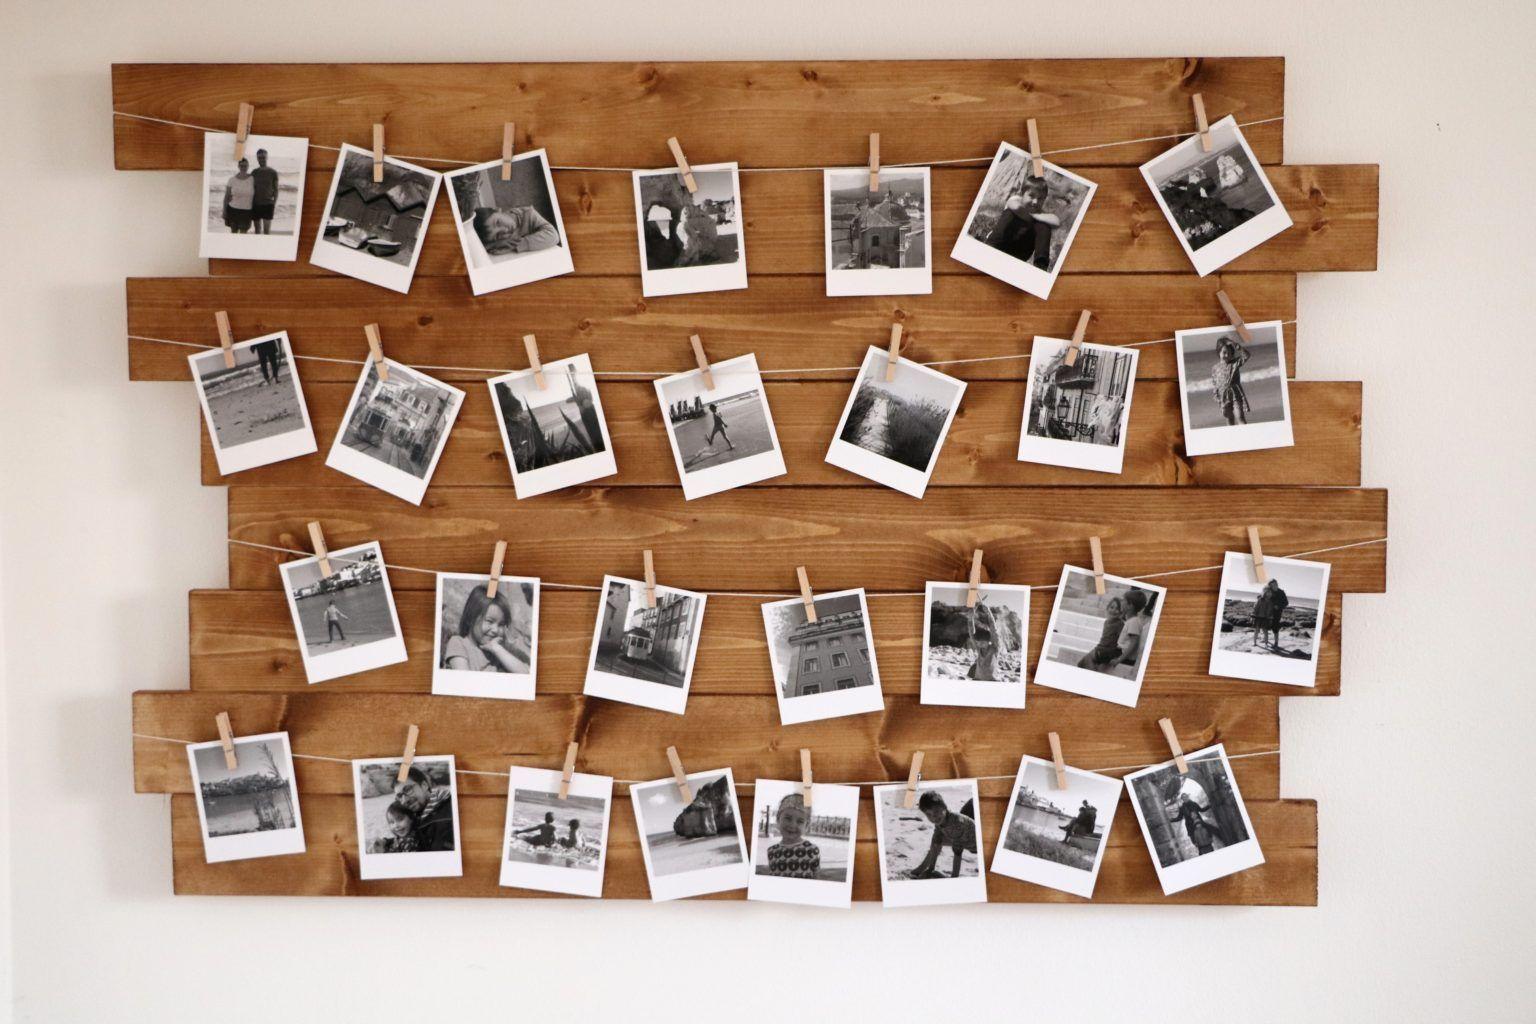 Faire Un Mur De Photos Décoration diy: construire un mur photo avec r | photo wall, diy garden